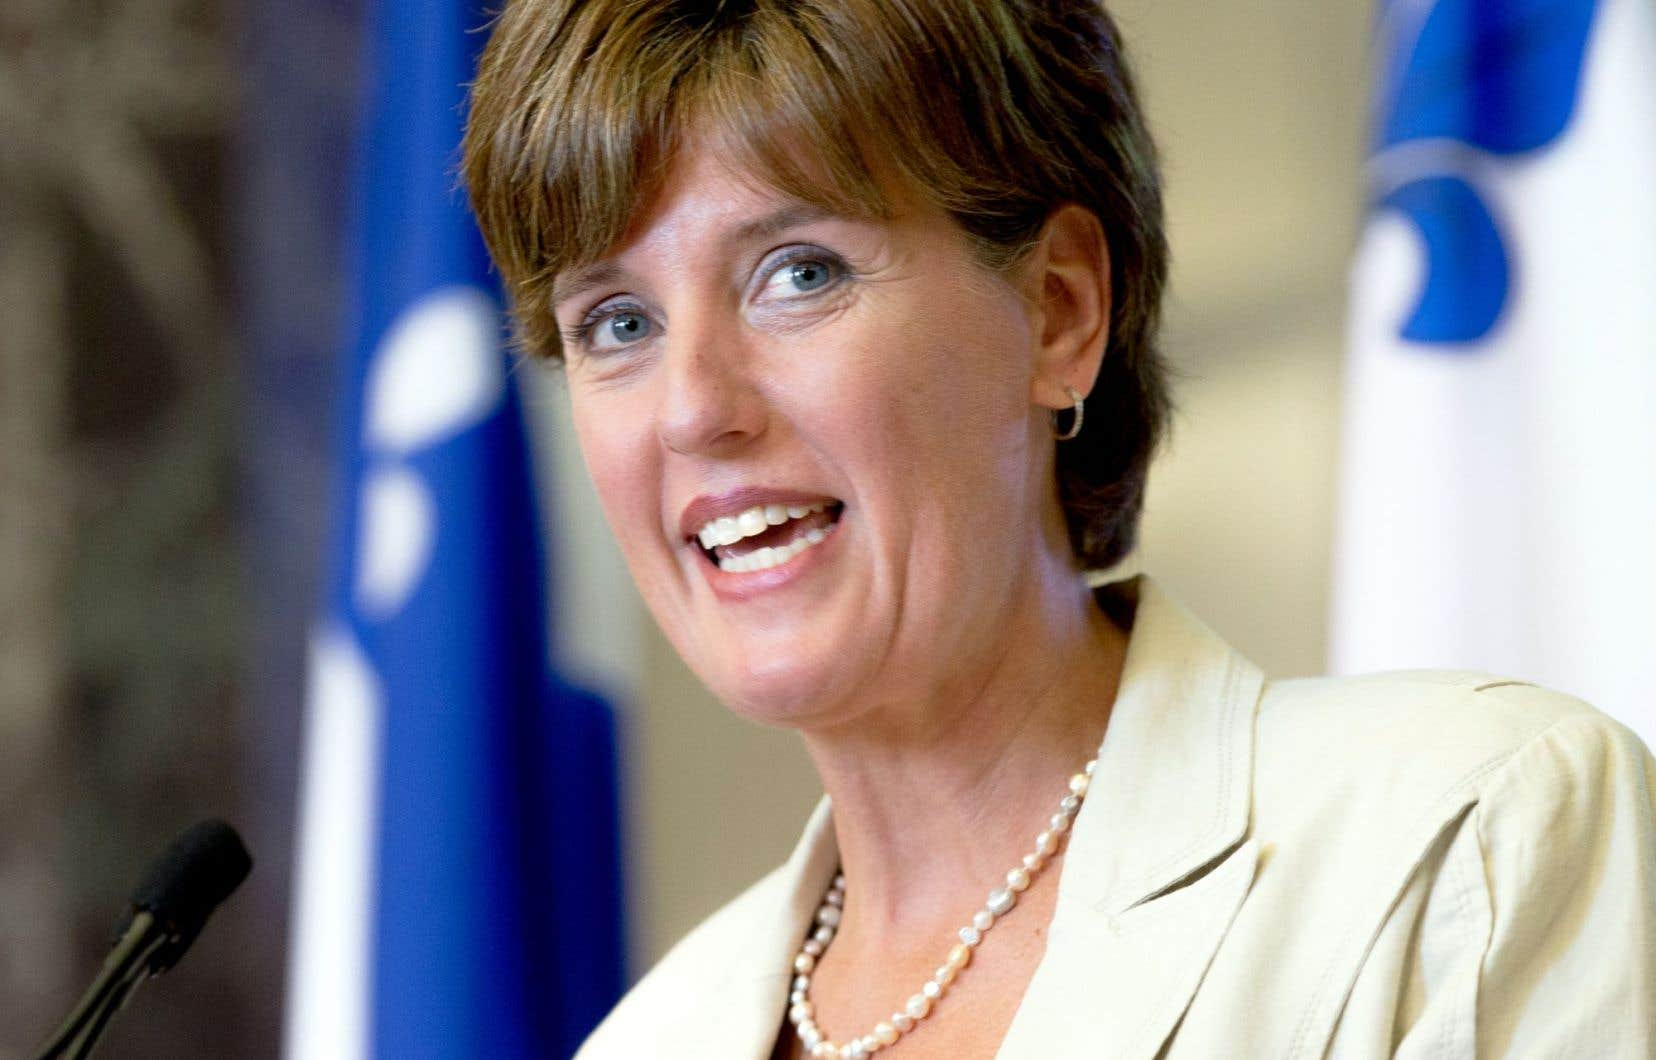 La ministre du Développement international et de la Francophonie, Marie-Claude Bibeau, a souligné l'octroi d'un financement de 213 187 000$ pour la réalisation de trois projets à l'Université de Montréal, à HEC Montréal, à Polytechnique Montréal et à l'Université McGill.